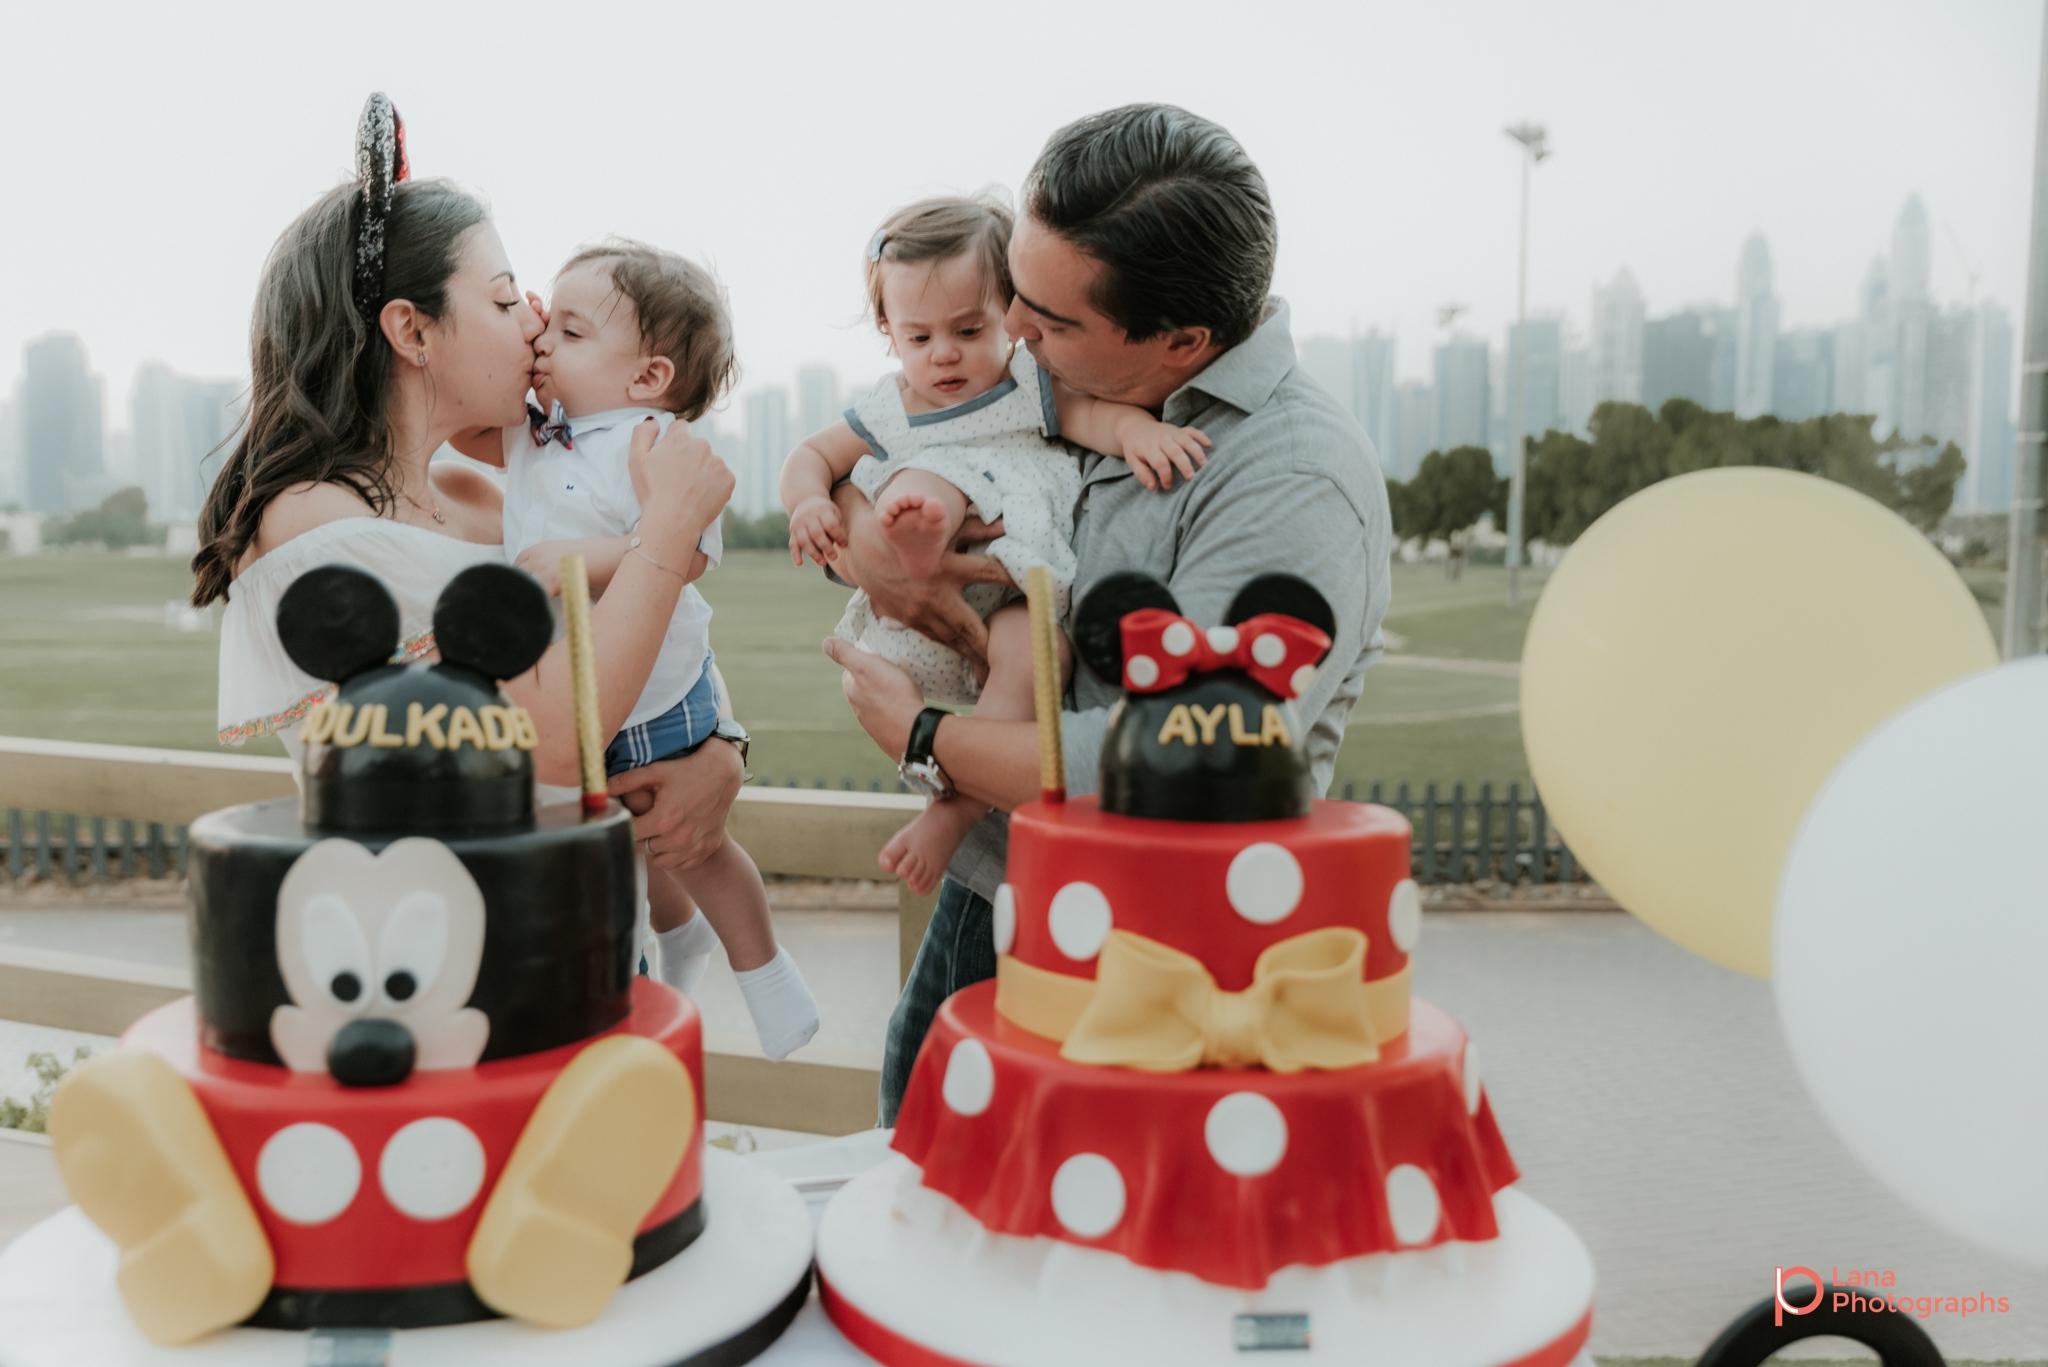 Lana-Photographs-Dubai-Family-Photography-Rim-LR-79.jpg